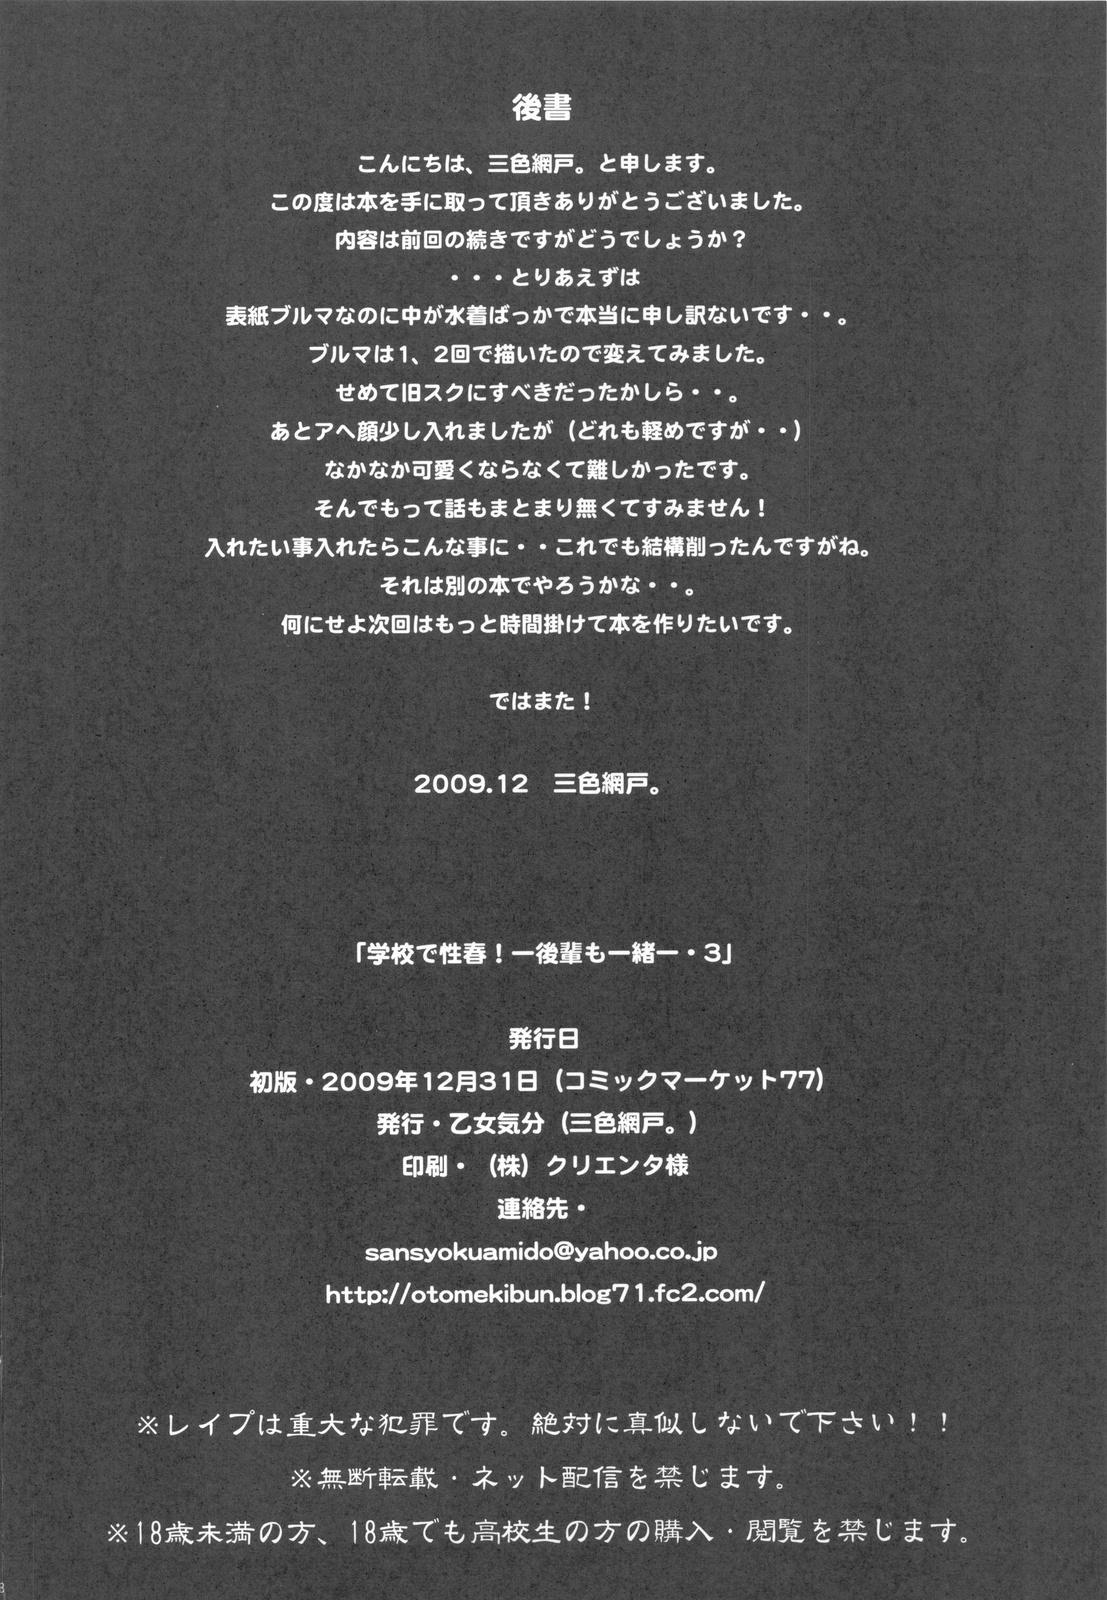 (C77) [Otomekibun (Sansyoku Amido.)] Gakkou de Seishun! -Kouhai mo Issho- 3 + Omake Bon 37